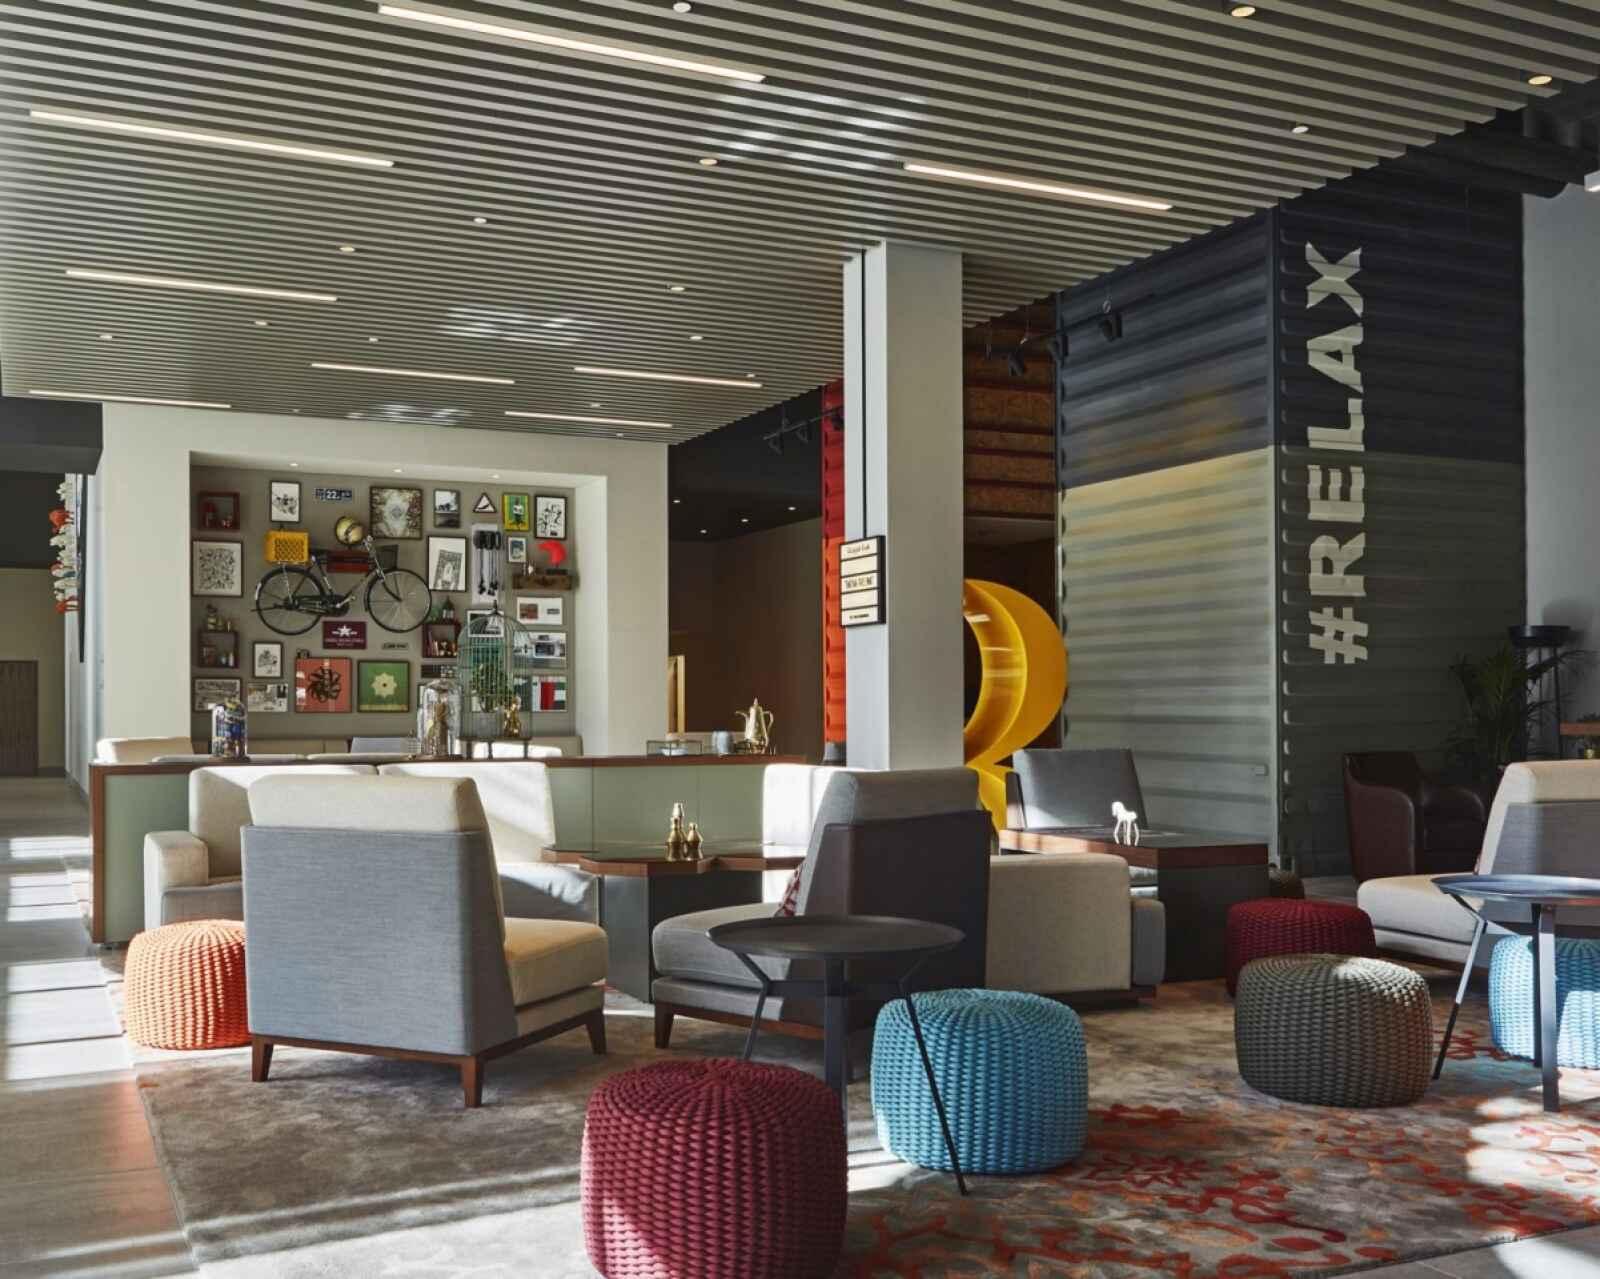 Emirats Arabes Unis - Dubaï - Hôtel Rove Downtown Dubai 3*